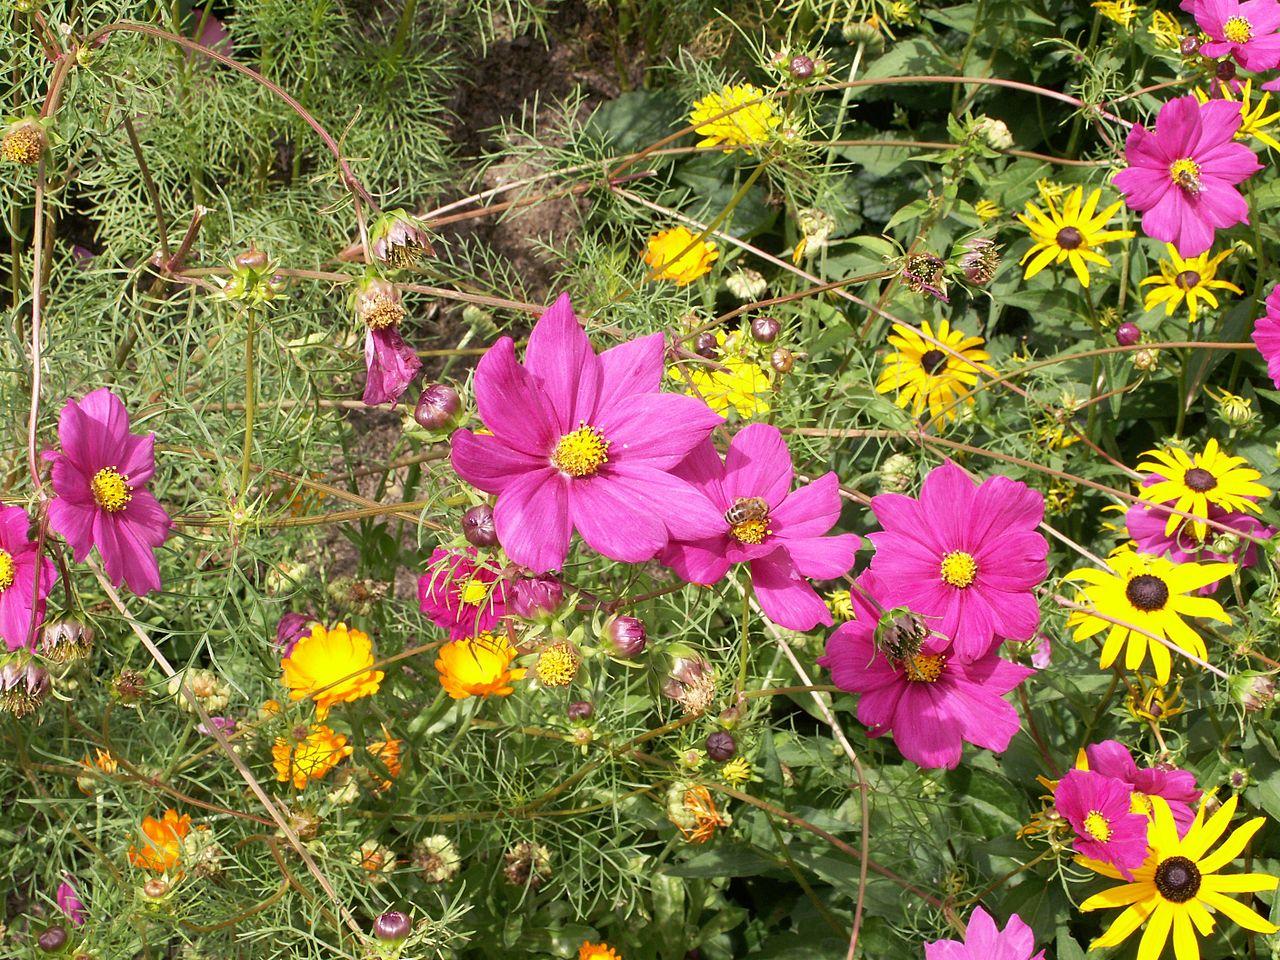 filegarden flowersjpg